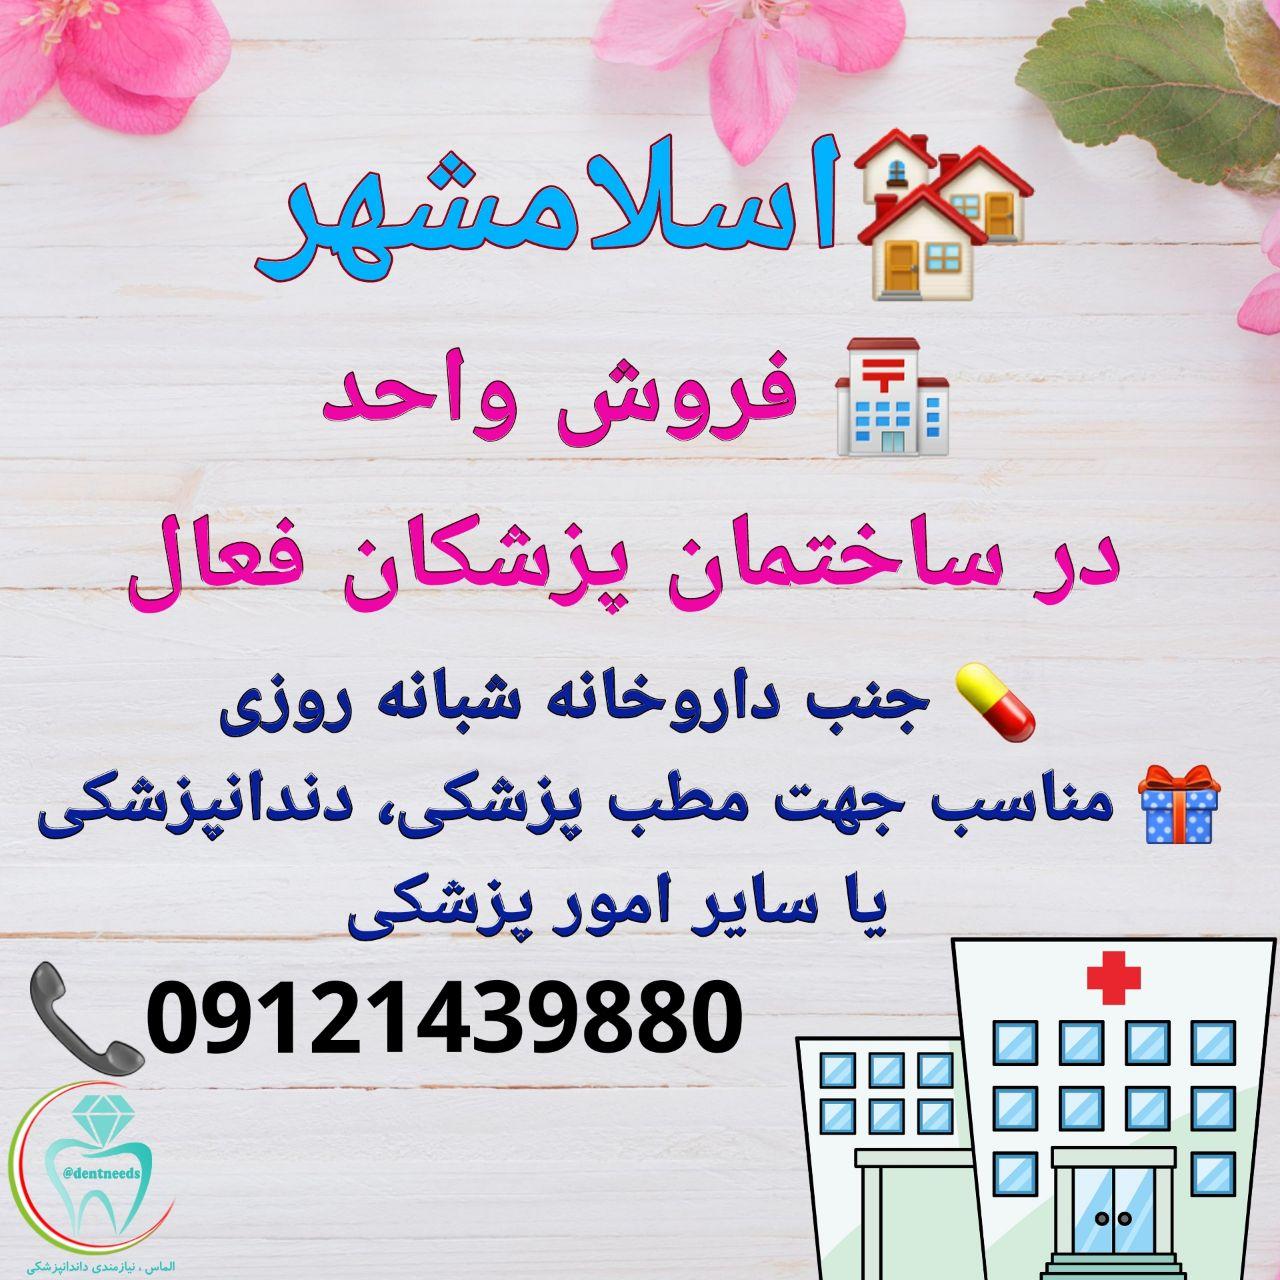 اسلامشهر، فروش واحد در ساختمان پزشکان